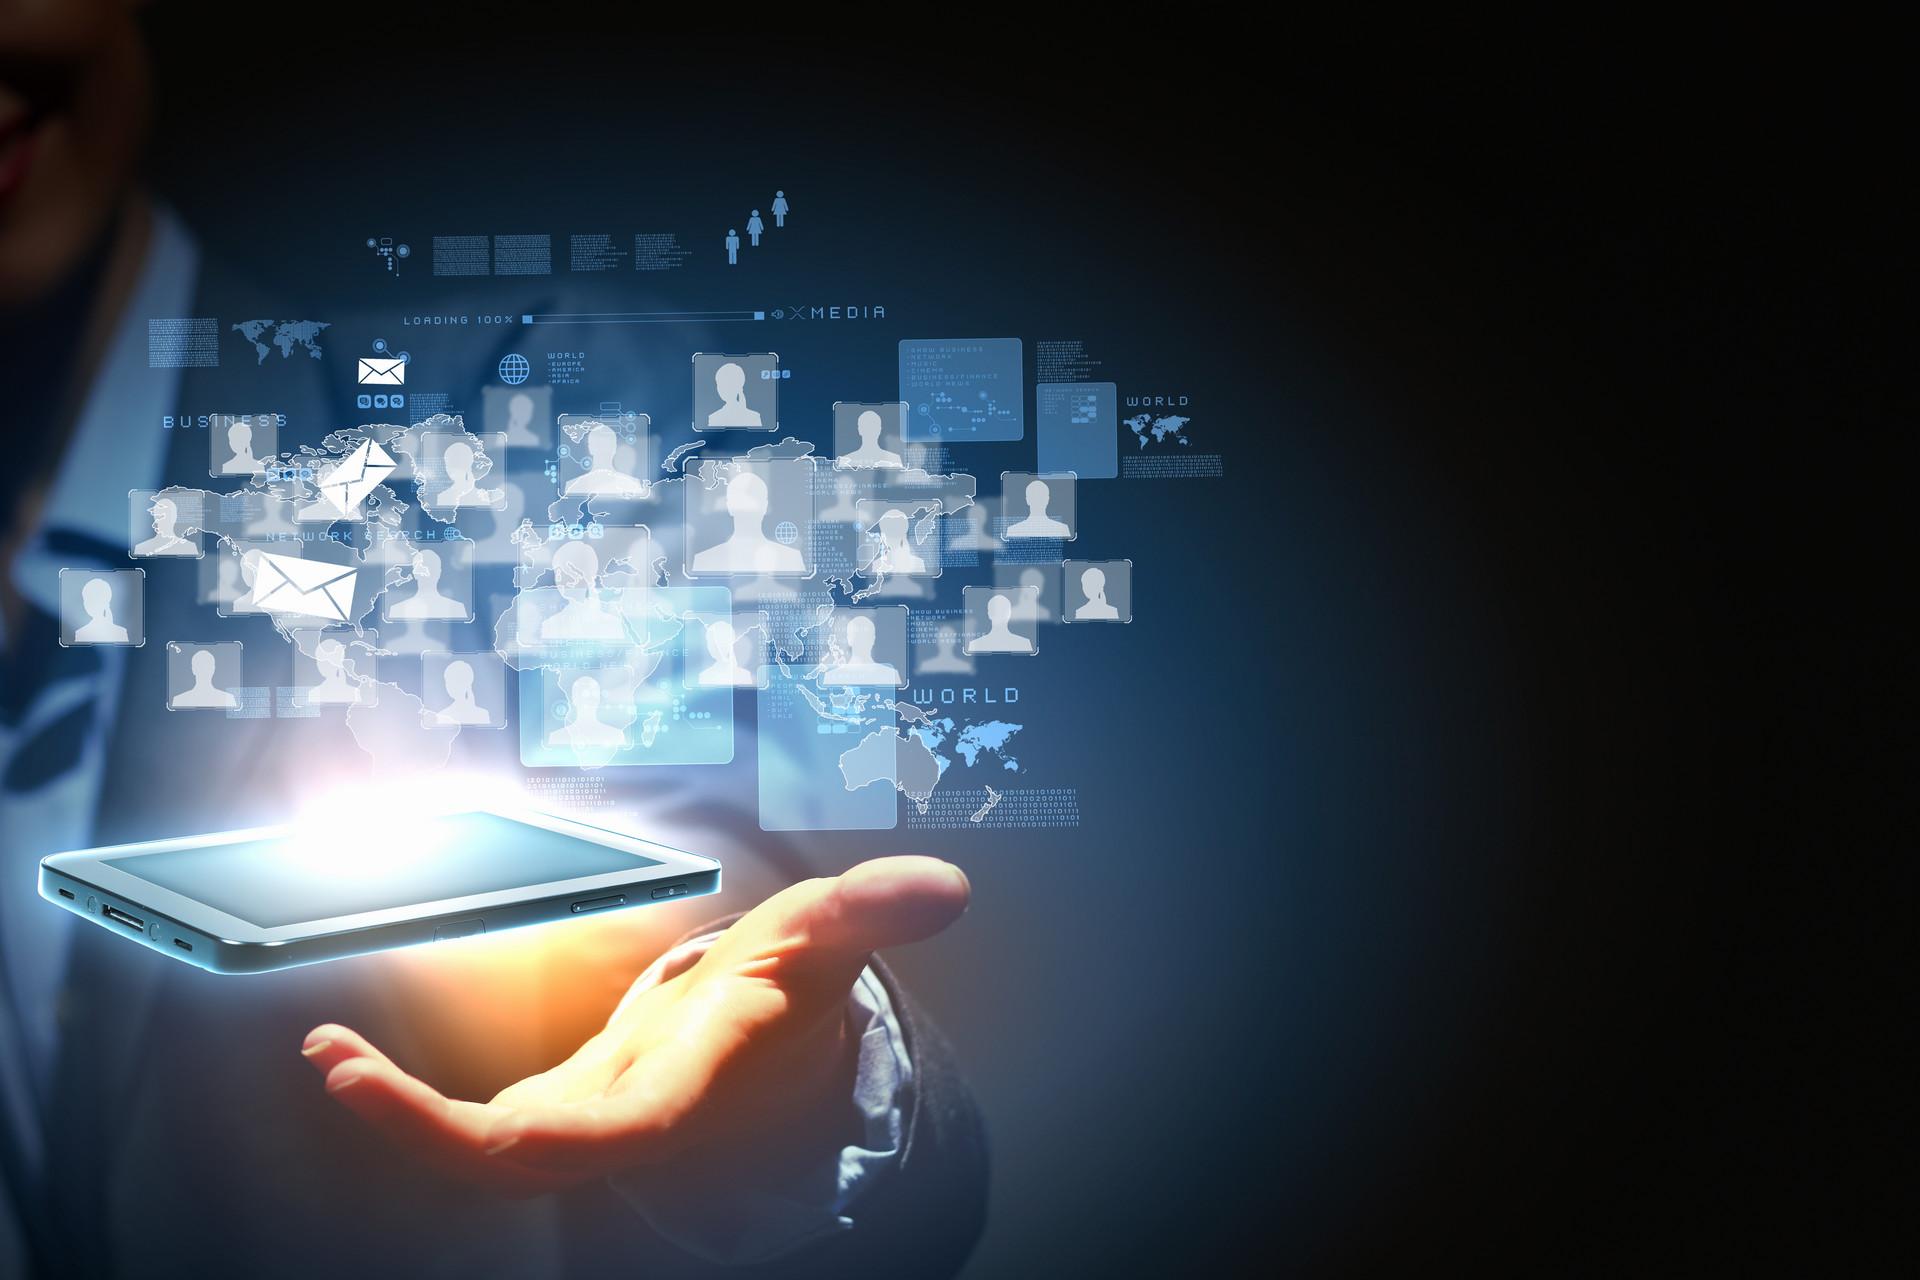 APP定制开发,软件定制开发,电商系统开发,中台系统开发-犀牛云解决方案